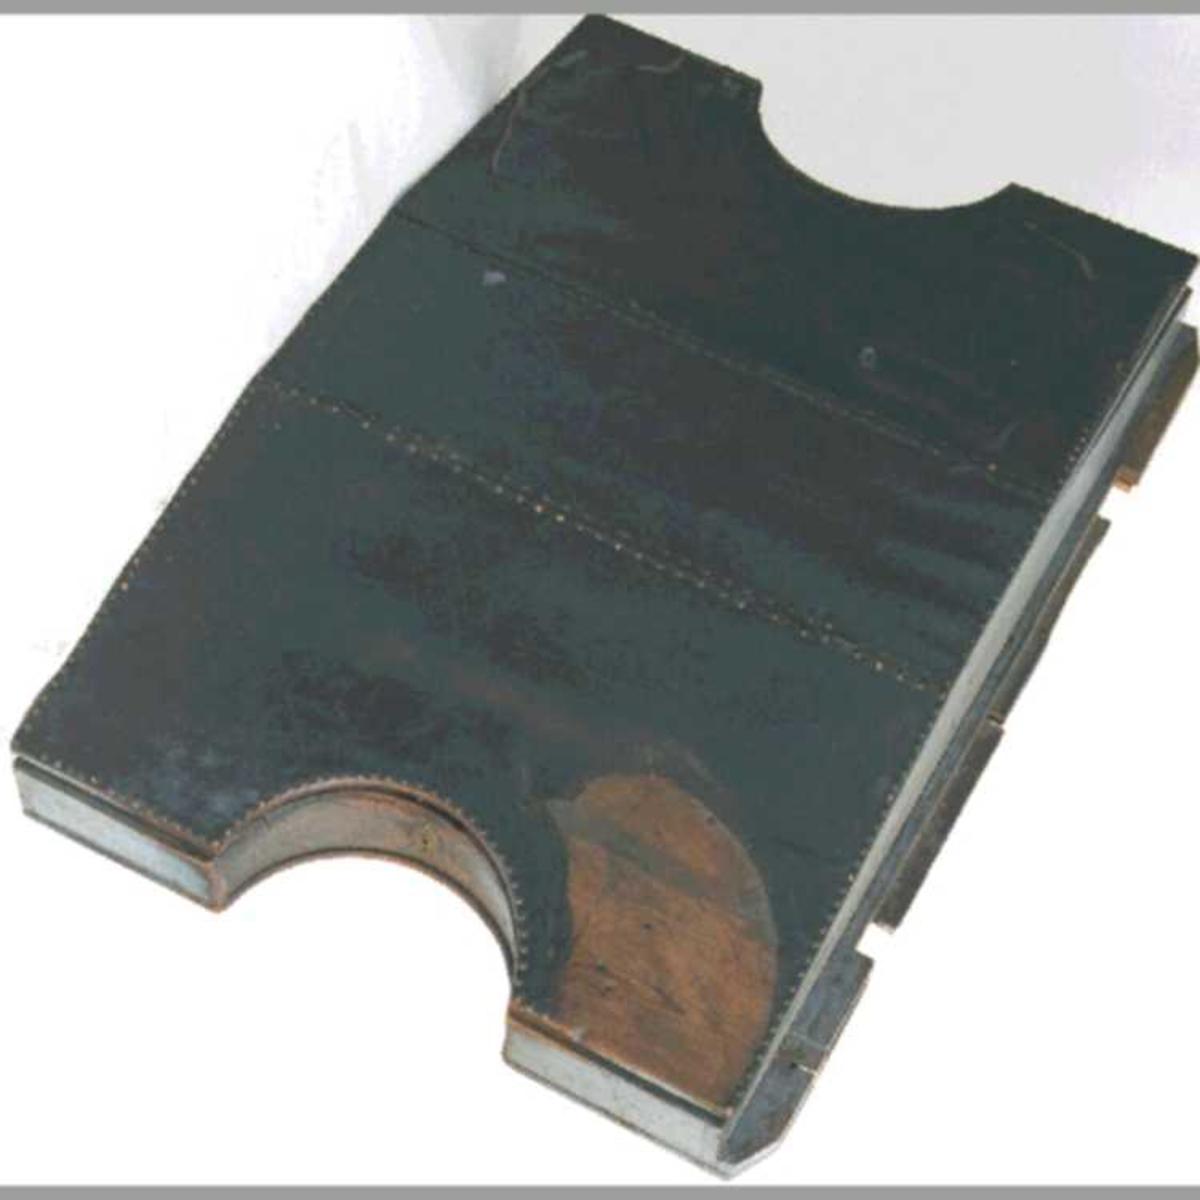 Furu  , malt lyst gråblå, platen trukket med   okselær,  stiftet langs kantene med   messing  stift med runde  hoder. Pulten er dobbel, slik at to skrivere  sitter på hver sin side av den mot hverandre. Pulten  har utskårne halvsirkelrundinger ved plassene.  Står på ramme av rette ben, med rette forbindelseslister  oppe og nede. Pultplatene er til å løfte opp  som lokk, med låser. Lås mangler, nøkkelskiltet av messing  bevart på den ene plass. Hele trestykket  som låsen har sittet på, forsvunnet fra den andre.  Pulten skråner til begge sider, og har flatt  topp stykke